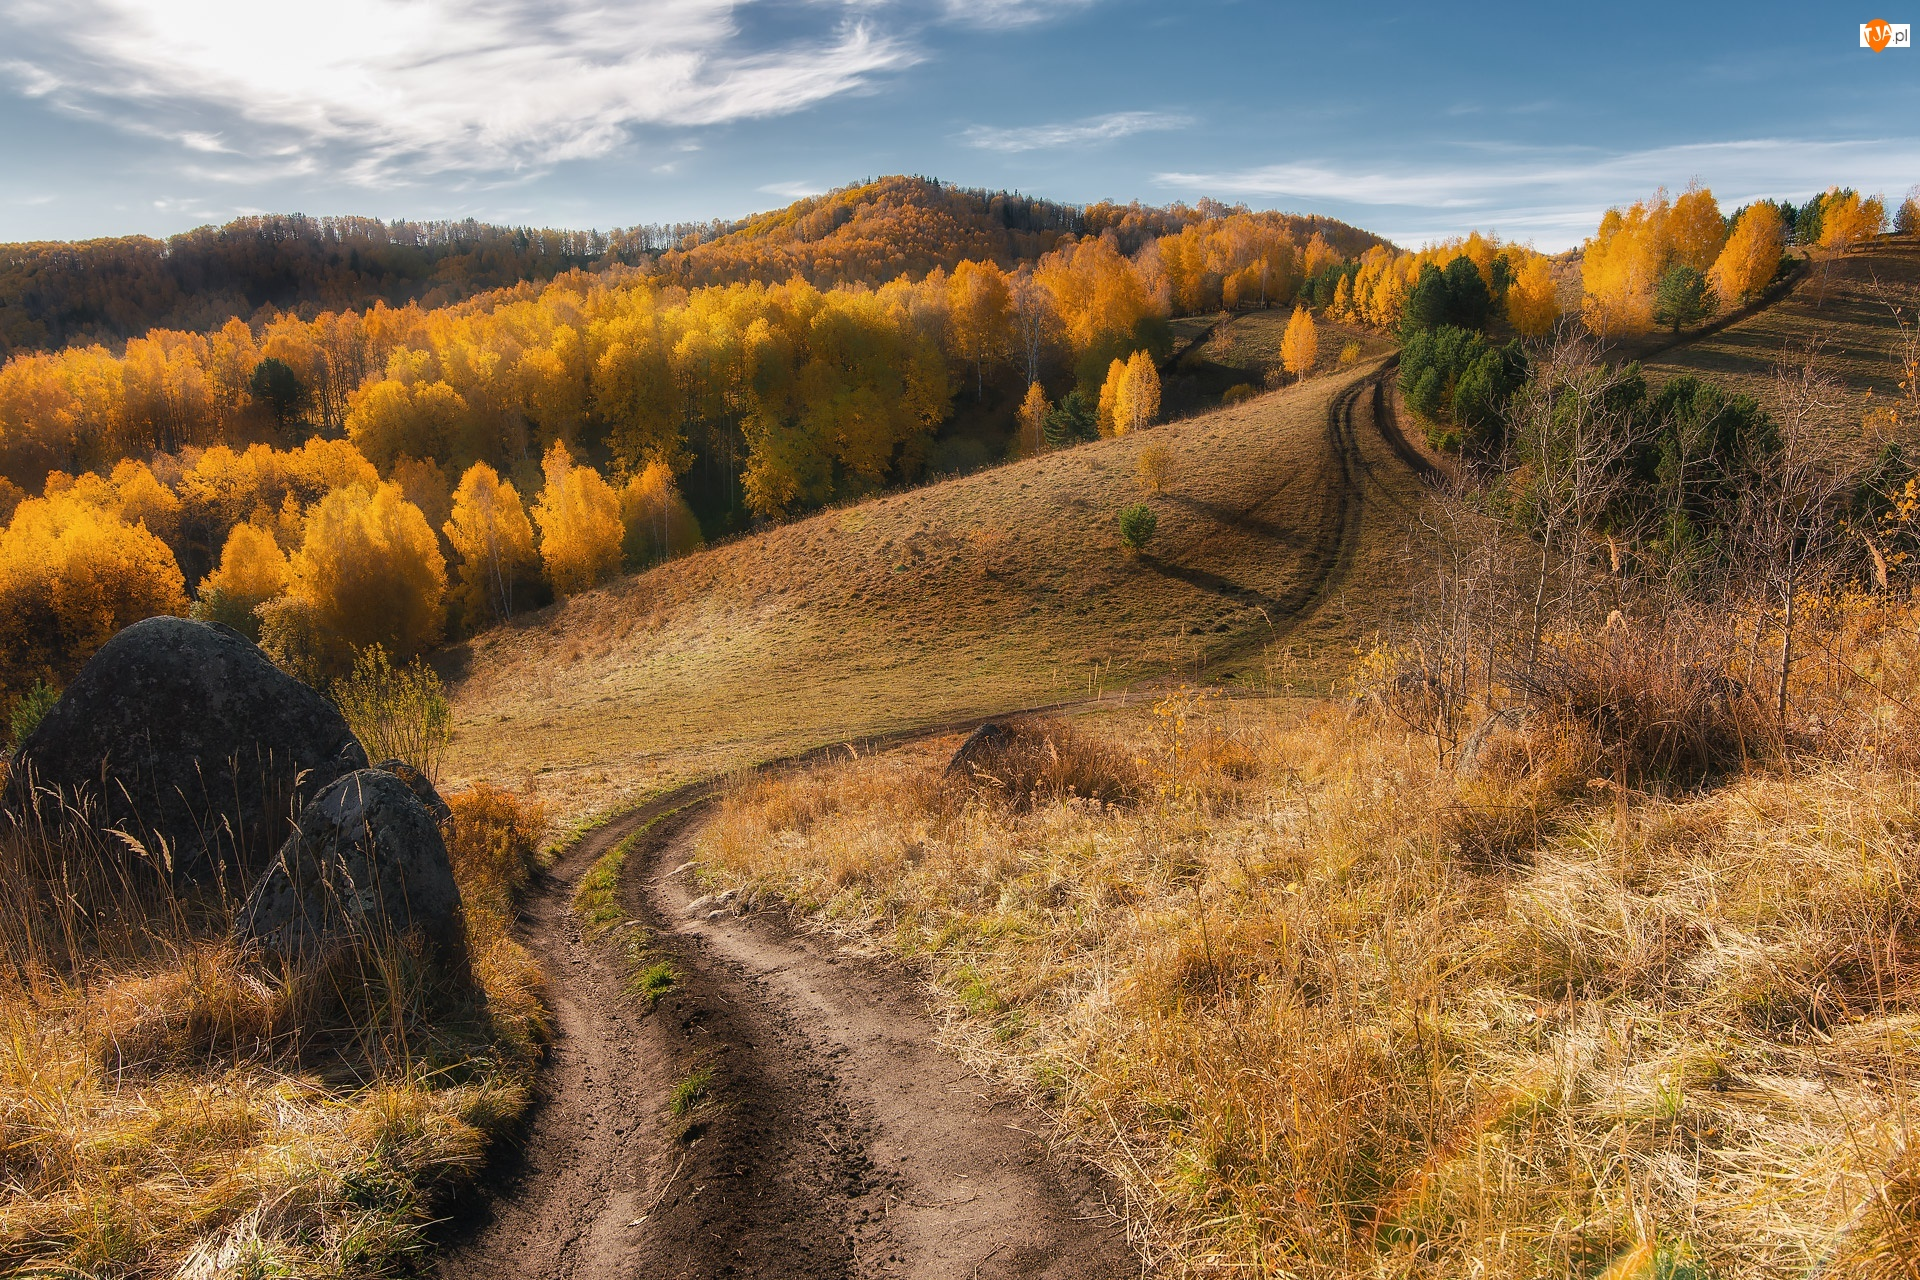 Drzewa, Droga, Jesień, Rosja, Wzgórza, Kraj Ałtajski